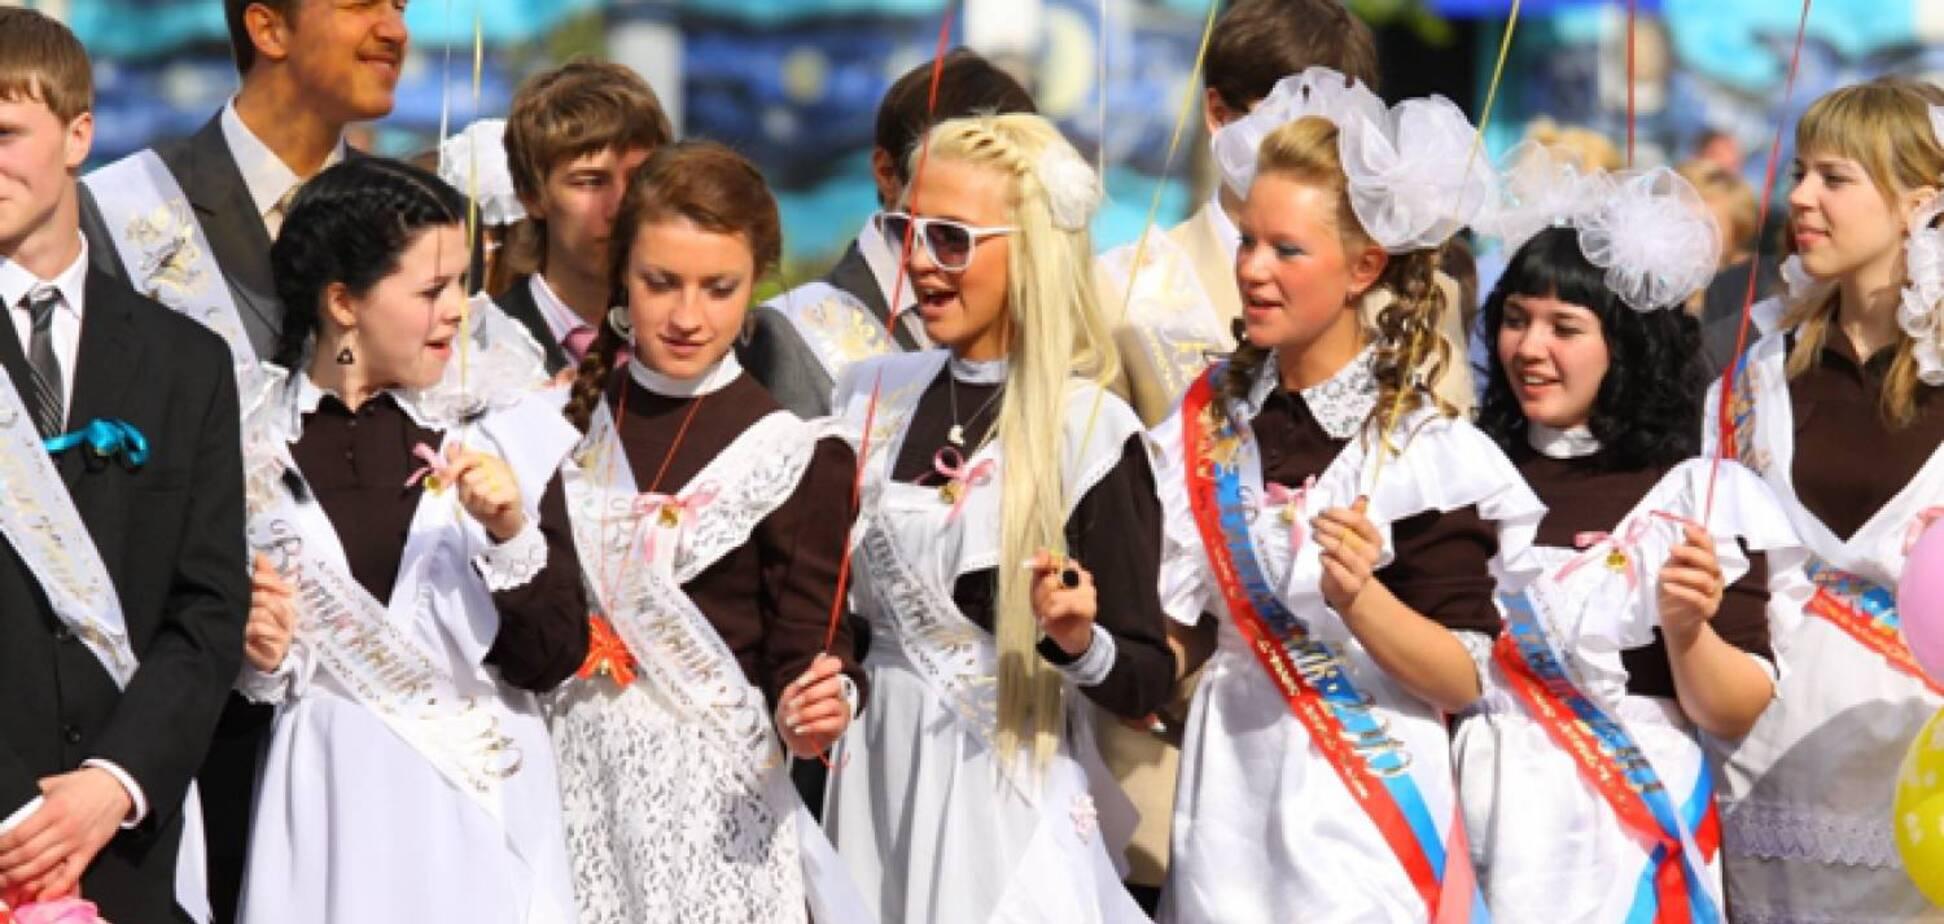 В России школьникам раздали грамоты с гербом и флагом Украины. Фотофакт